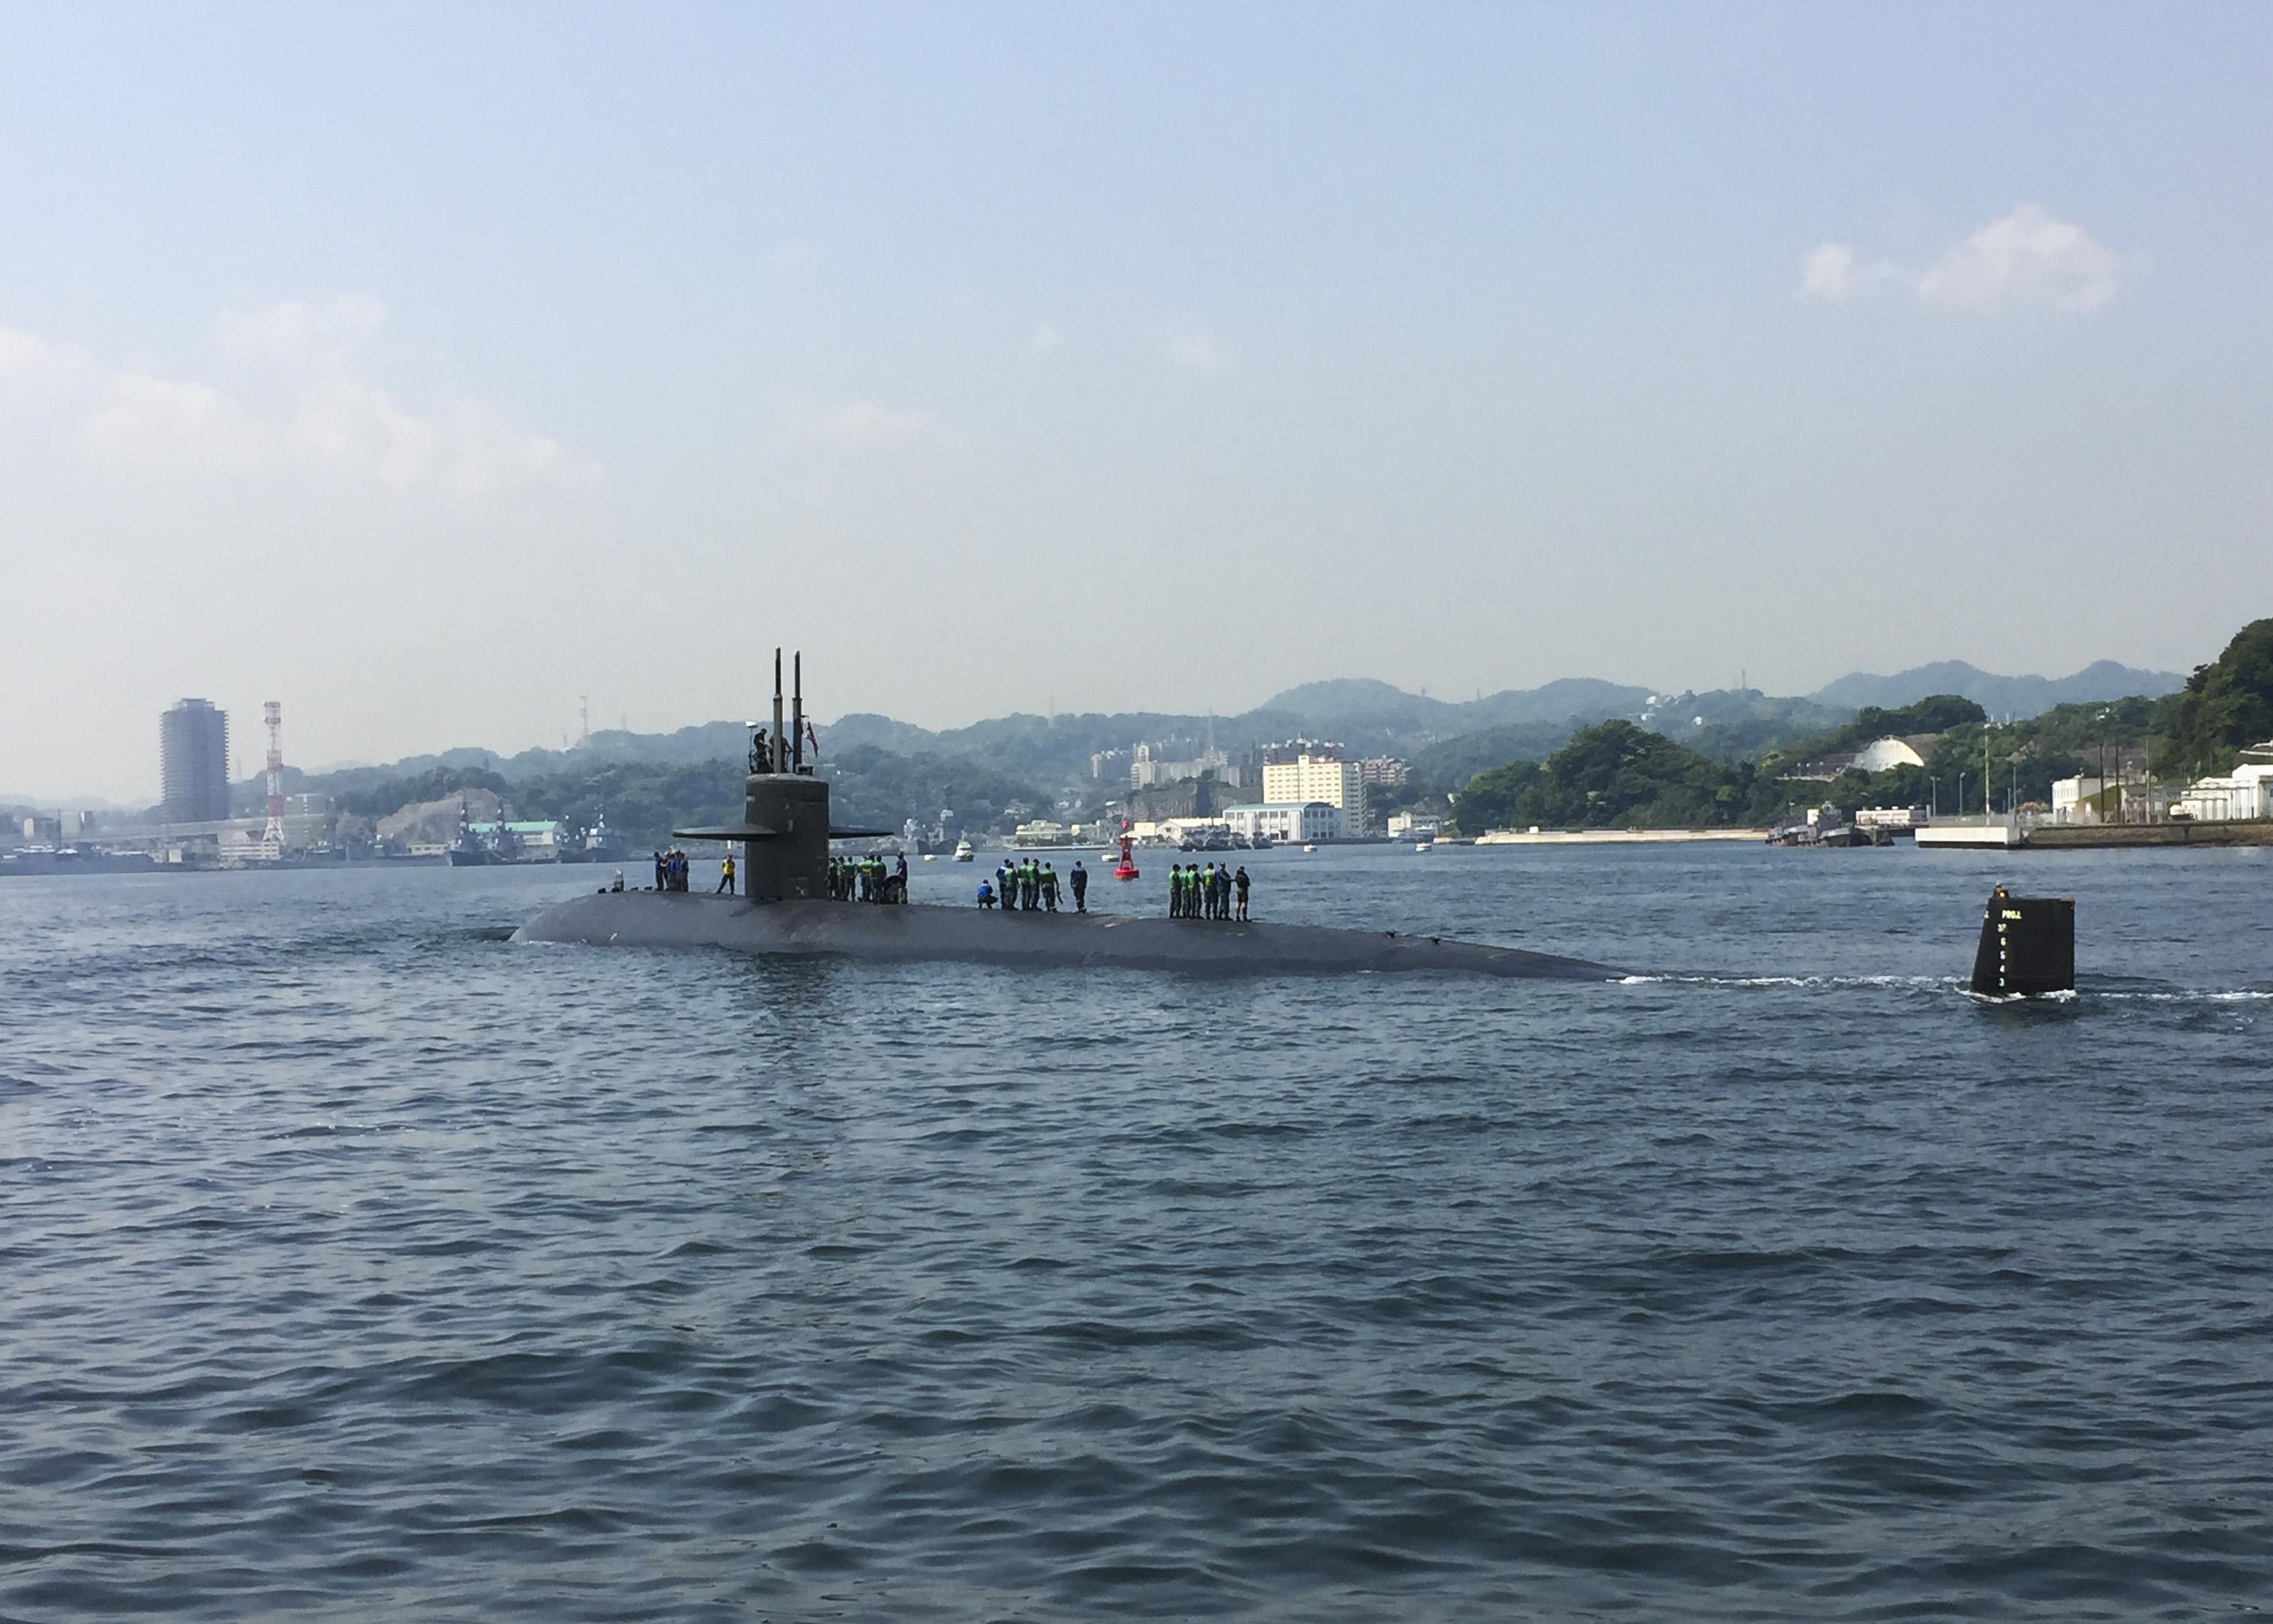 USS HOUSTON SSN-713 am 08.05.2015 in der Bucht von Tokyo Bild: U.S. Navy